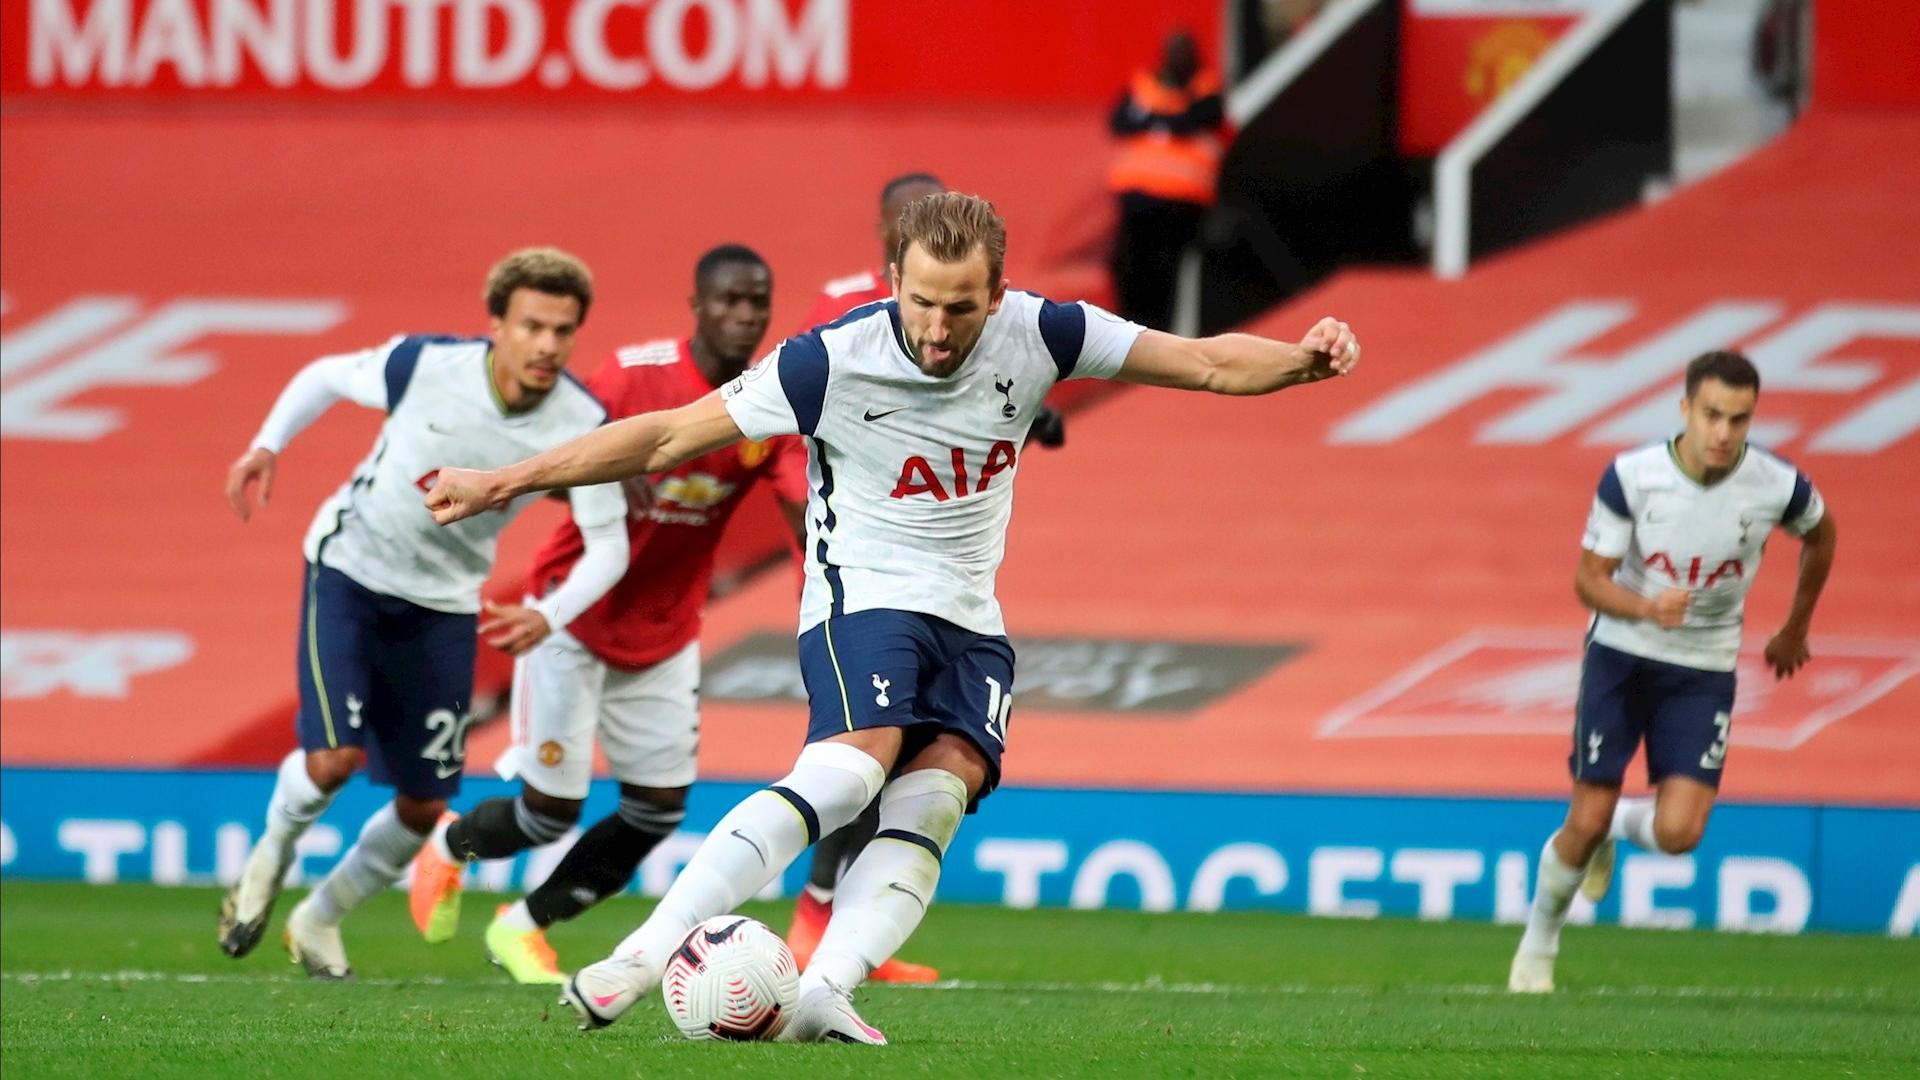 Tottenham partido Manchester United futbol 04102020 2